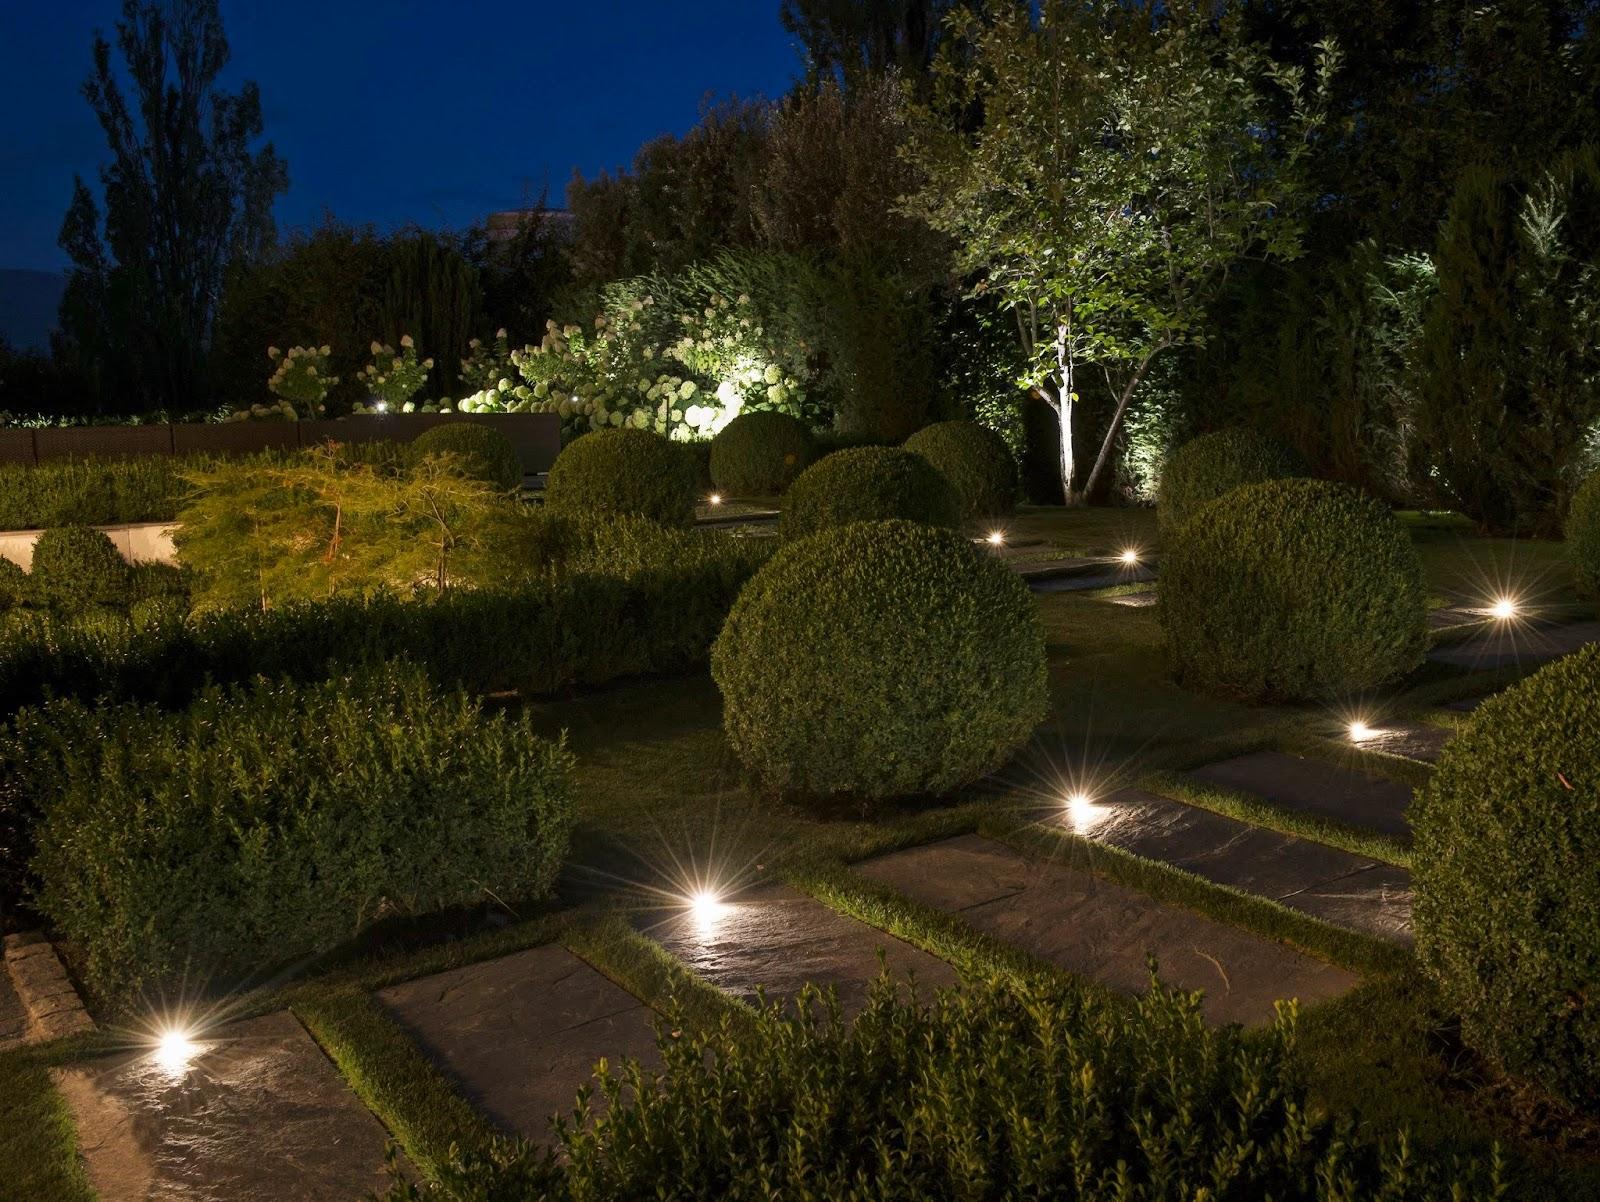 Amedeo liberatoscioli consigli utili illuminazione da - Alberi bassi da giardino ...